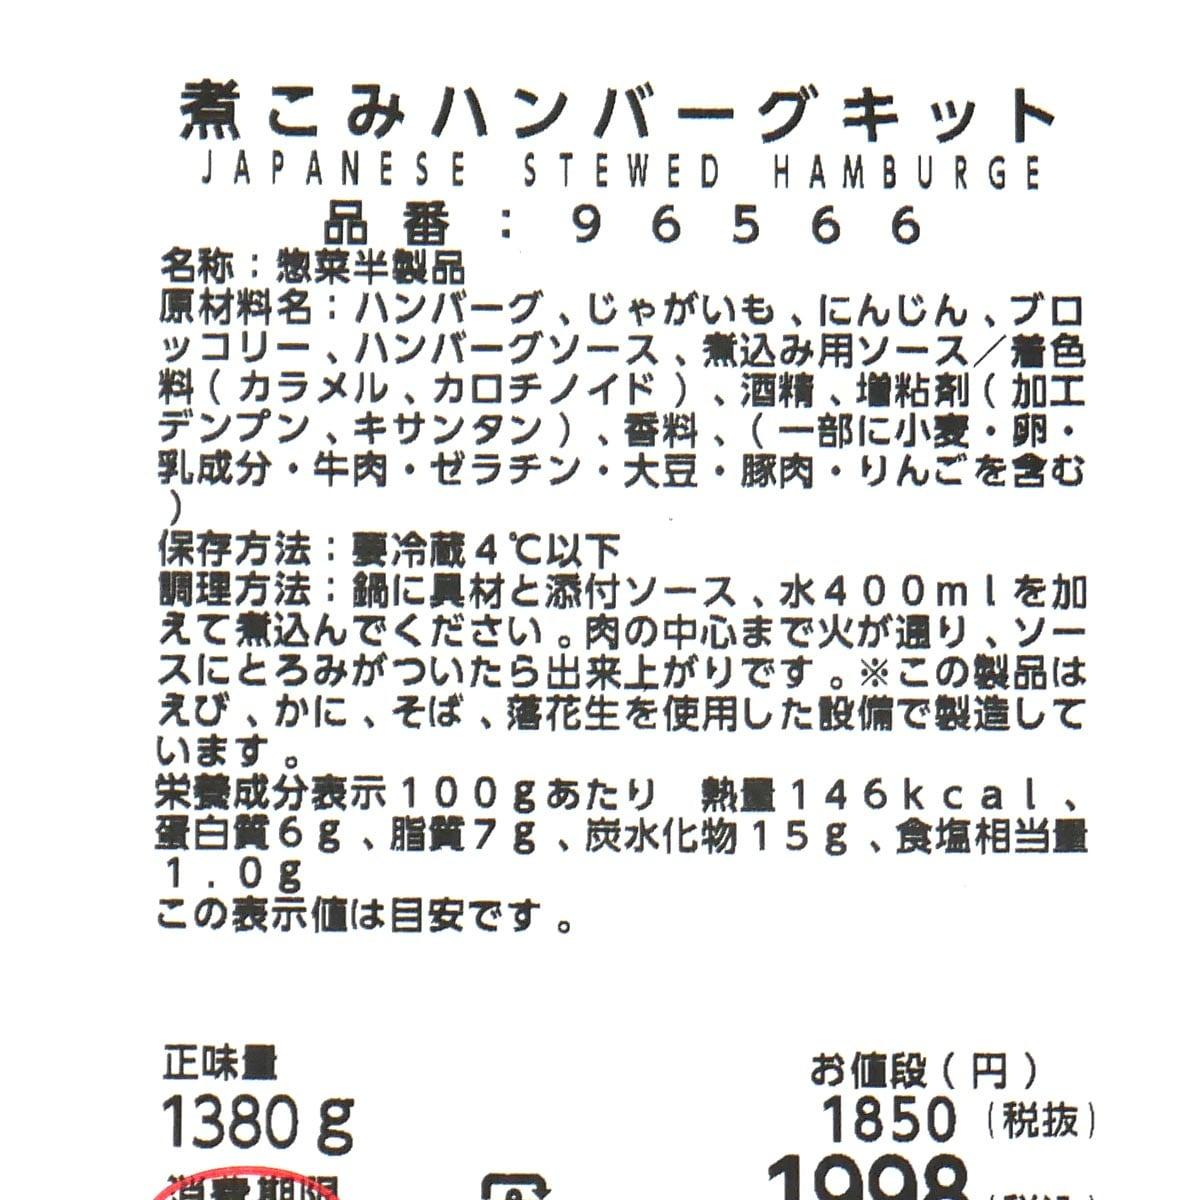 煮込みハンバーグキット 商品ラベル(原材料・カロリーほか)